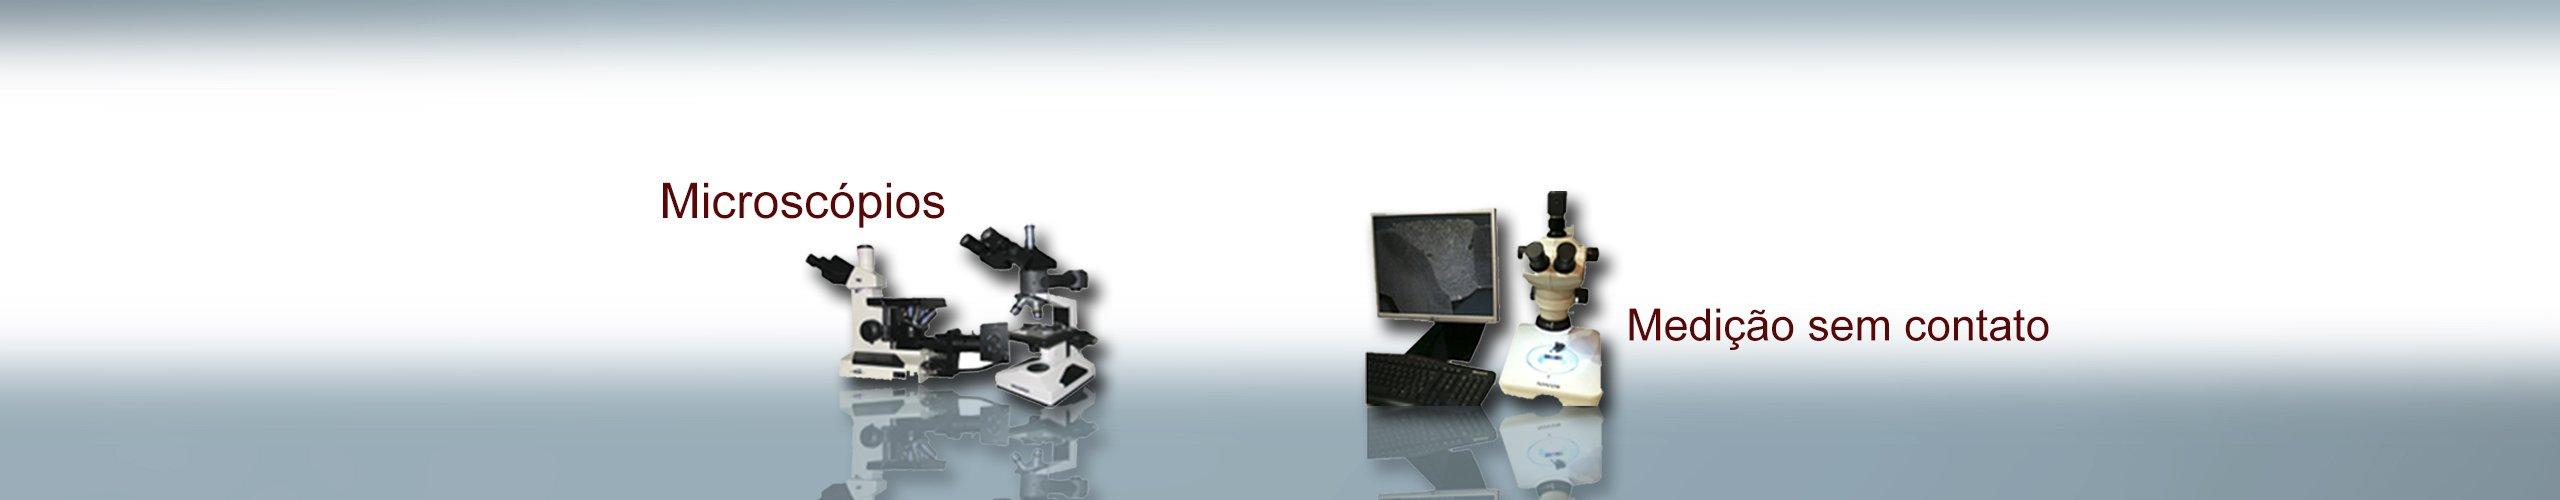 microscópio medição